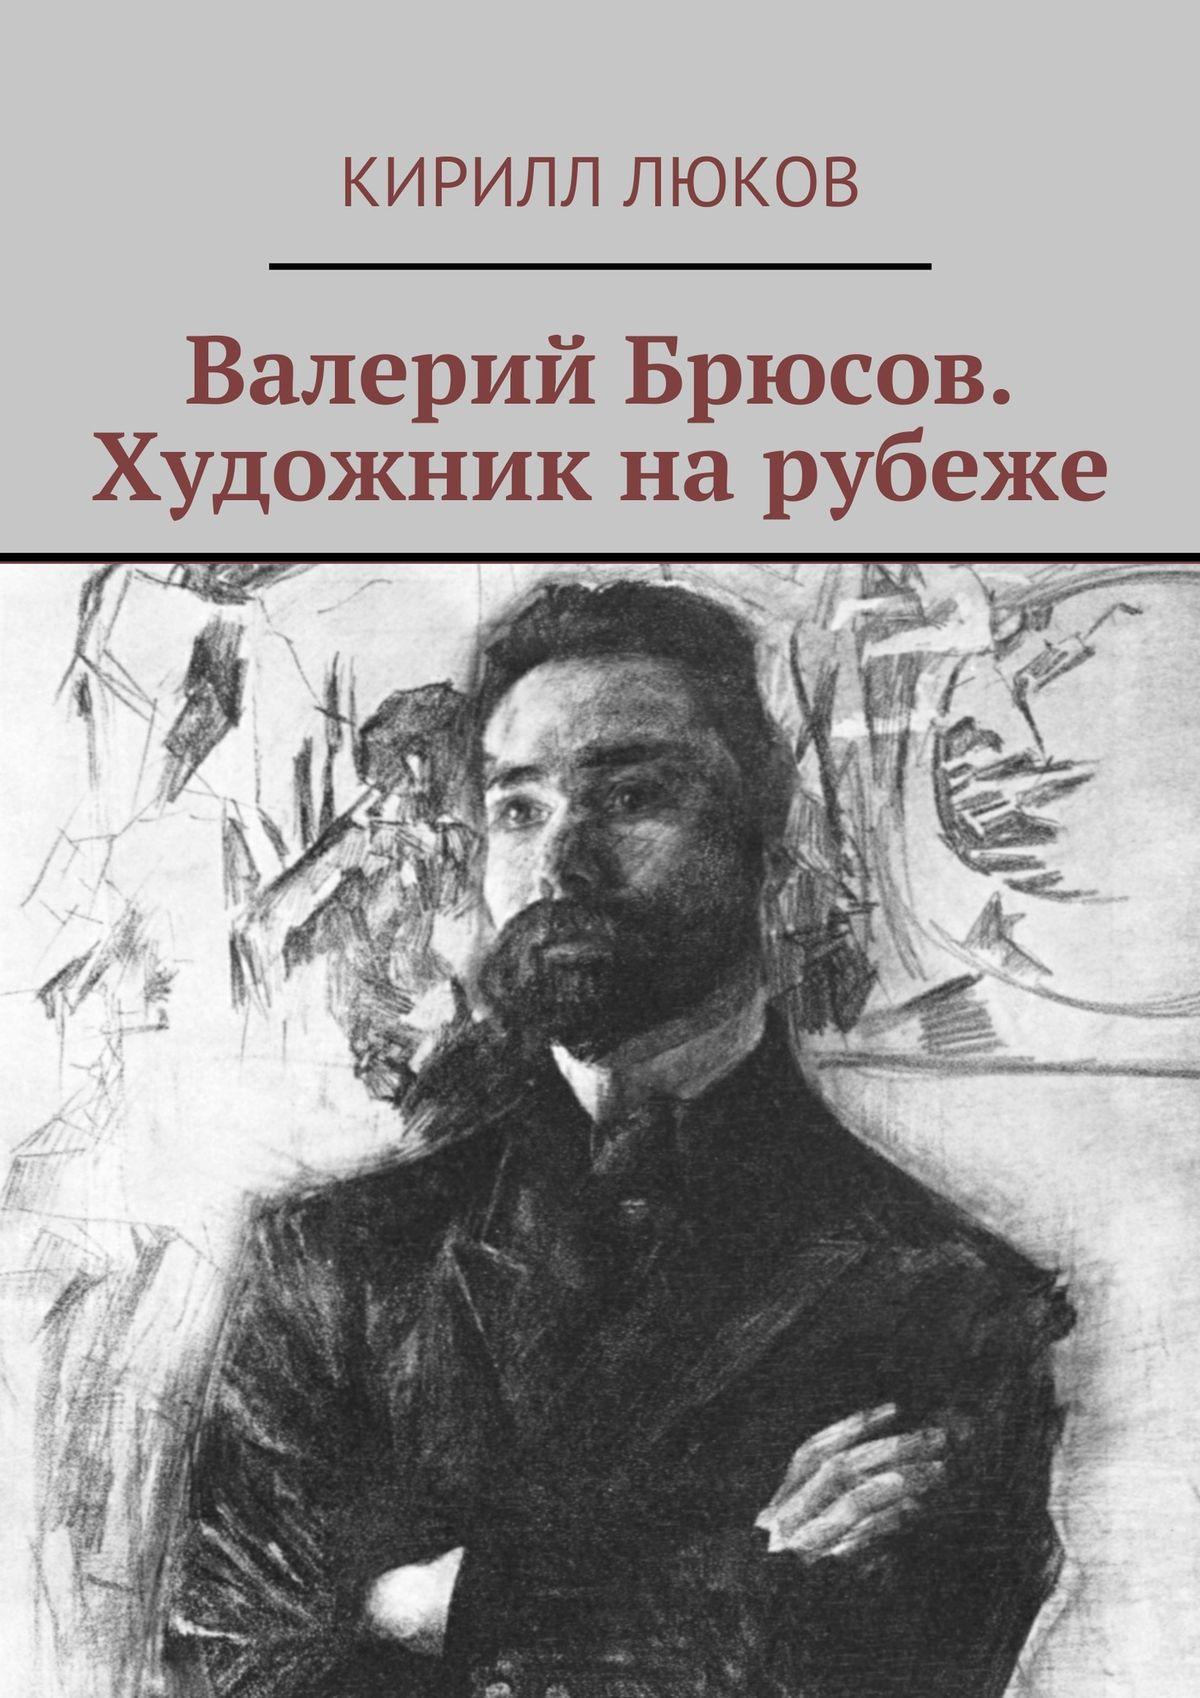 Валерий Брюсов. Художник нарубеже